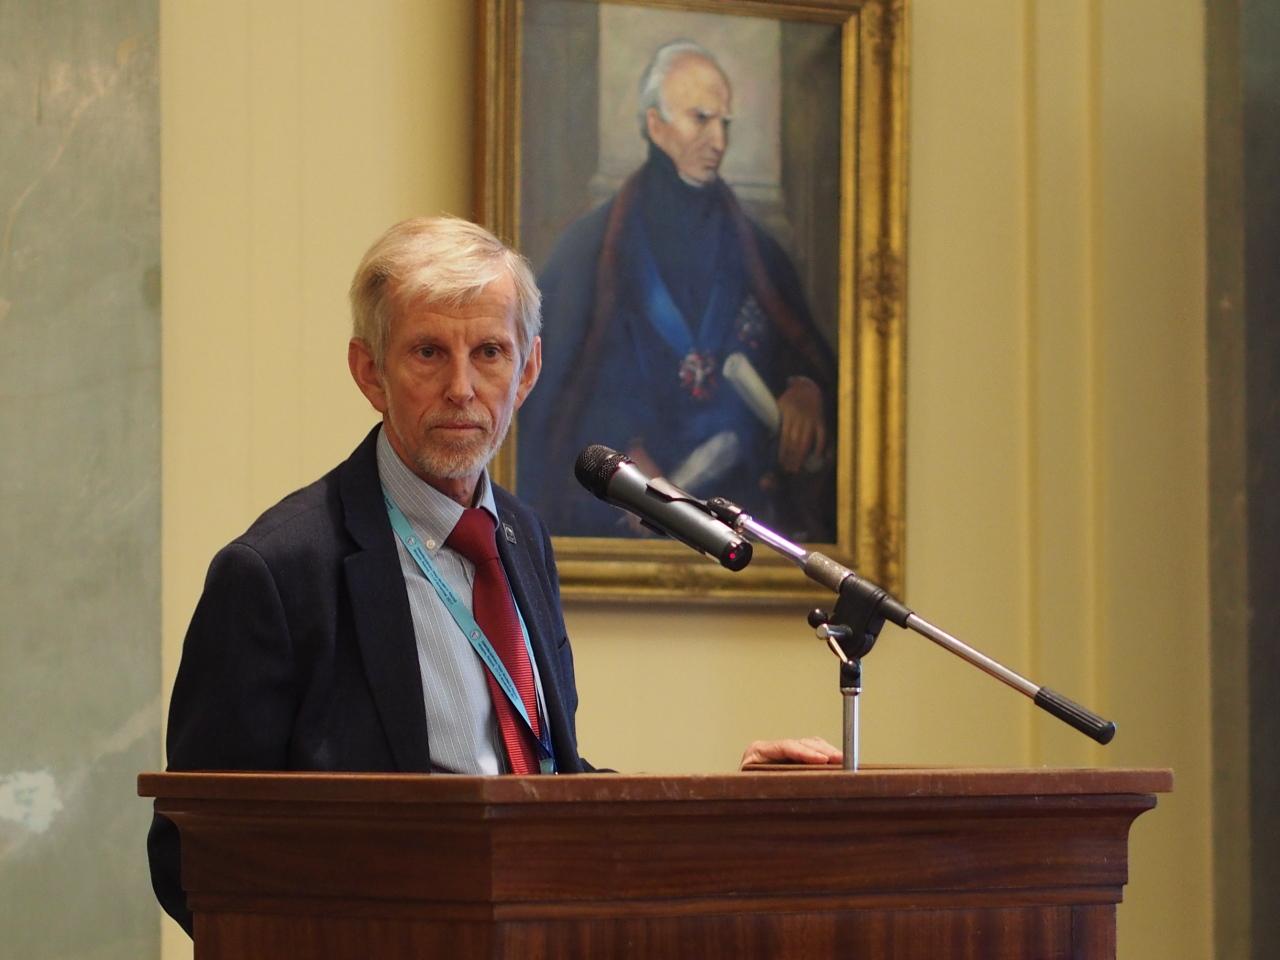 Fot. P. Łepkowski